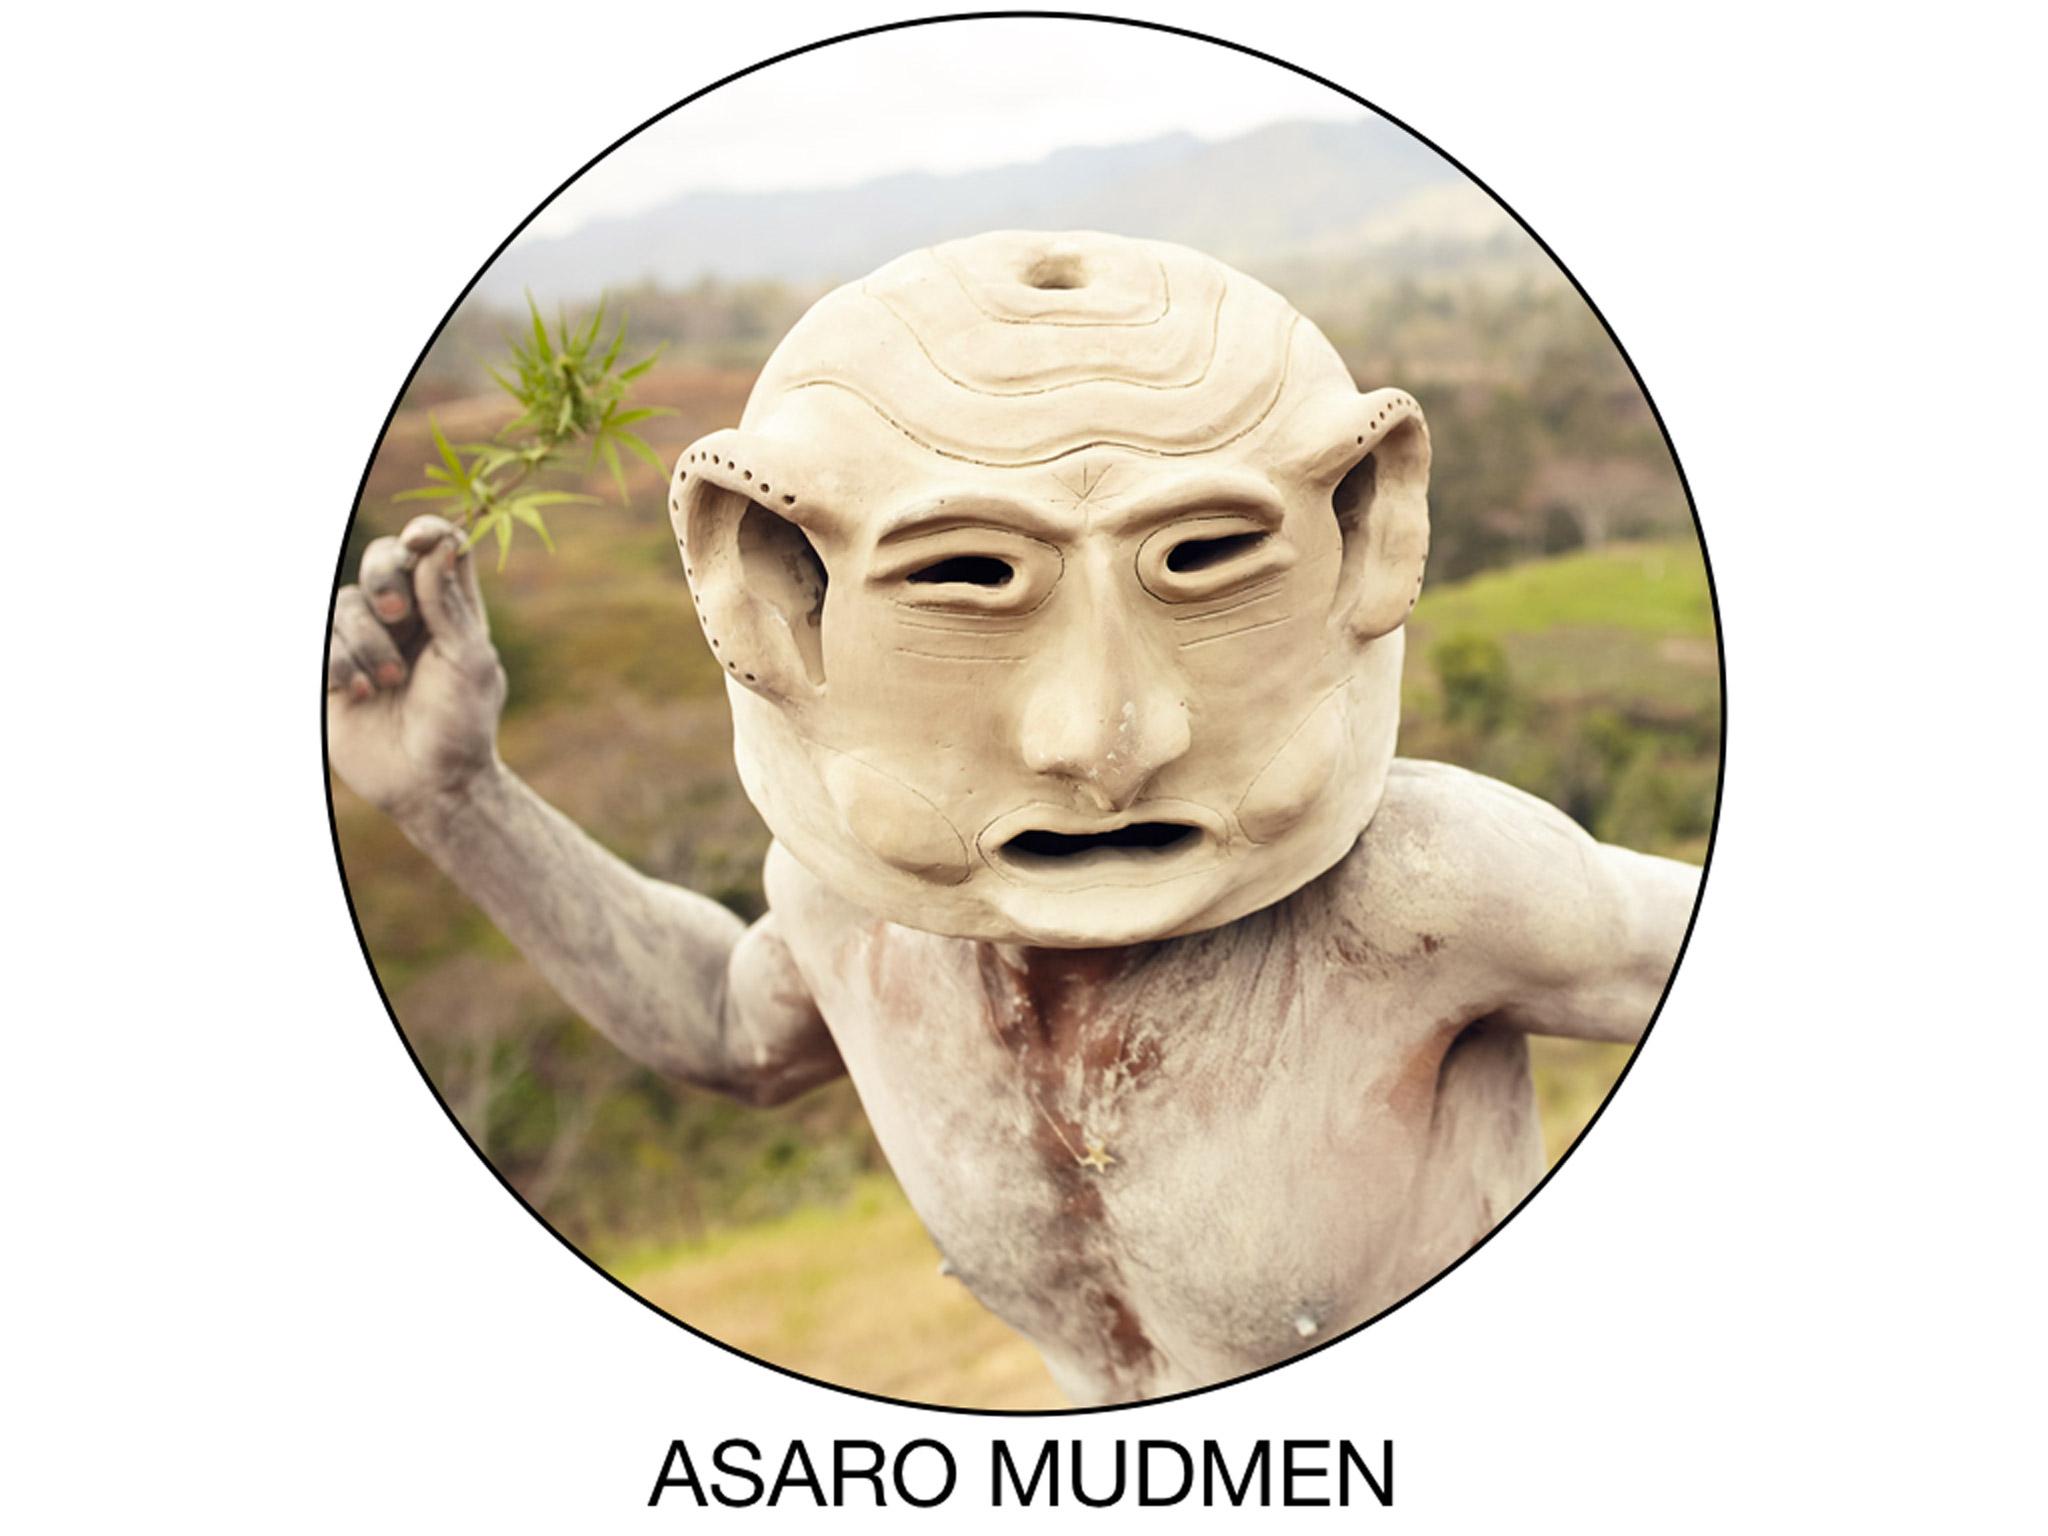 Asaro Mudmen warrior portrait